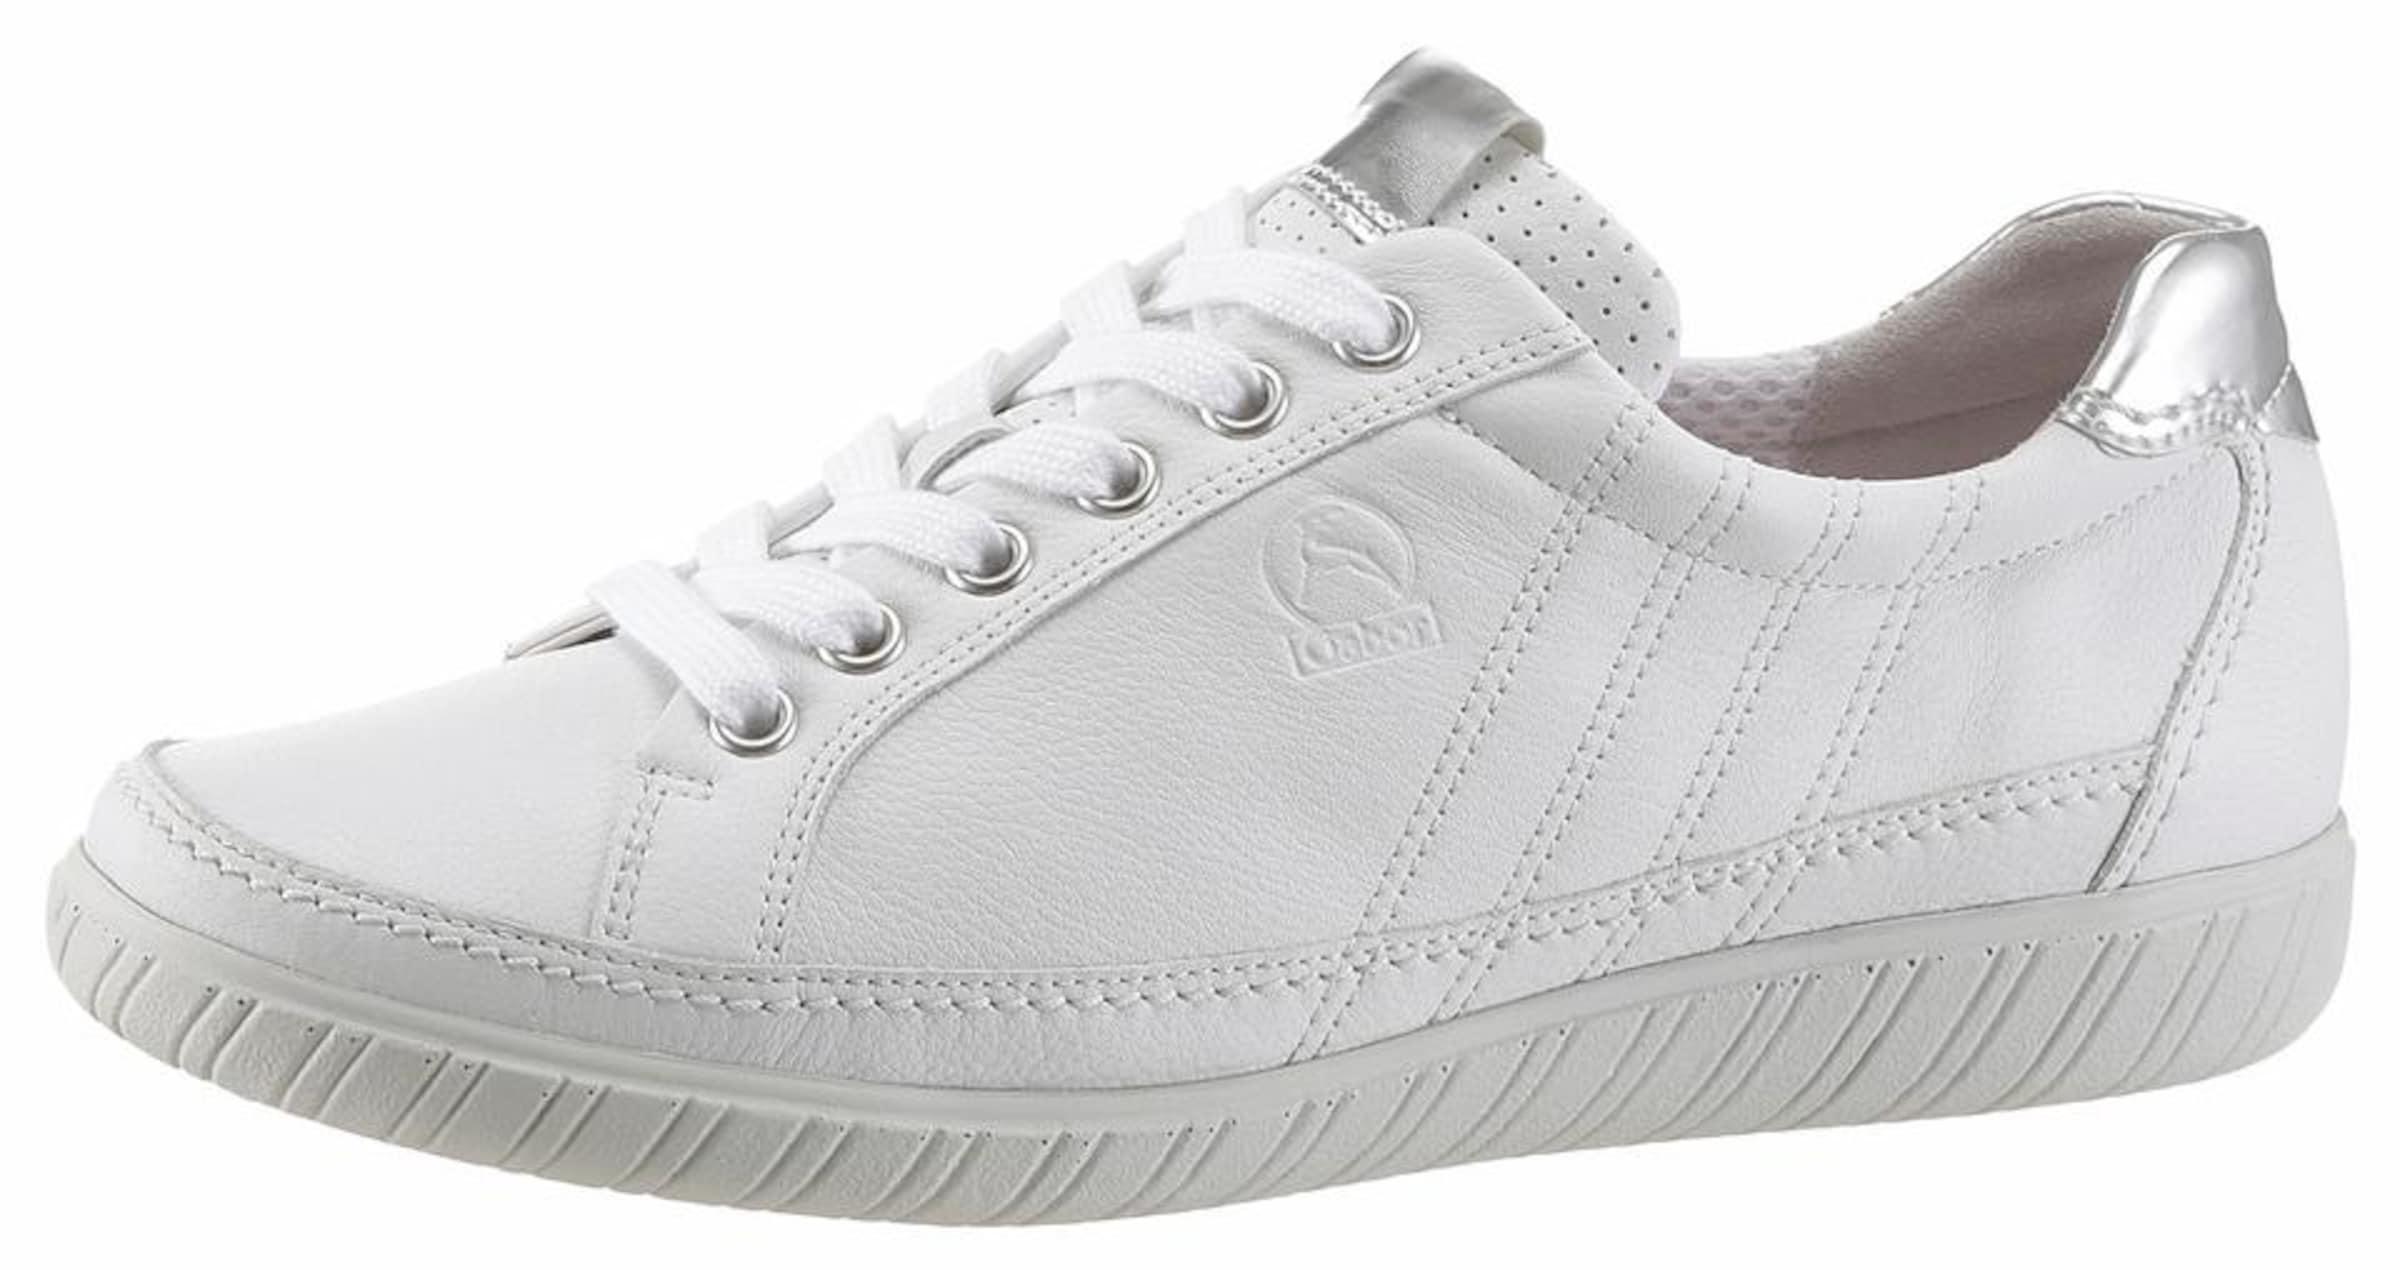 GABOR Sneaker Günstige und langlebige Schuhe